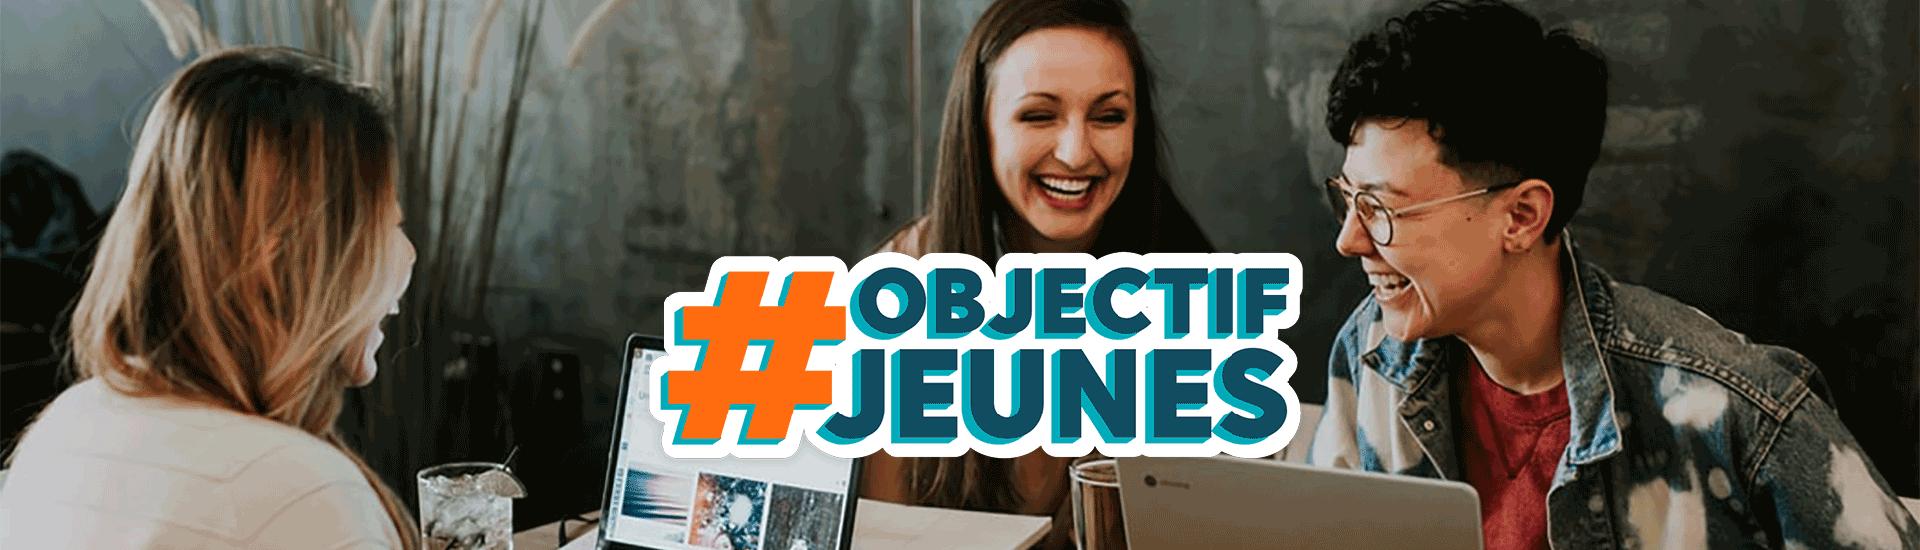 #ObjectifJeunes : agissez pour l'emploi des jeunes avec la CPME et leboncoin !